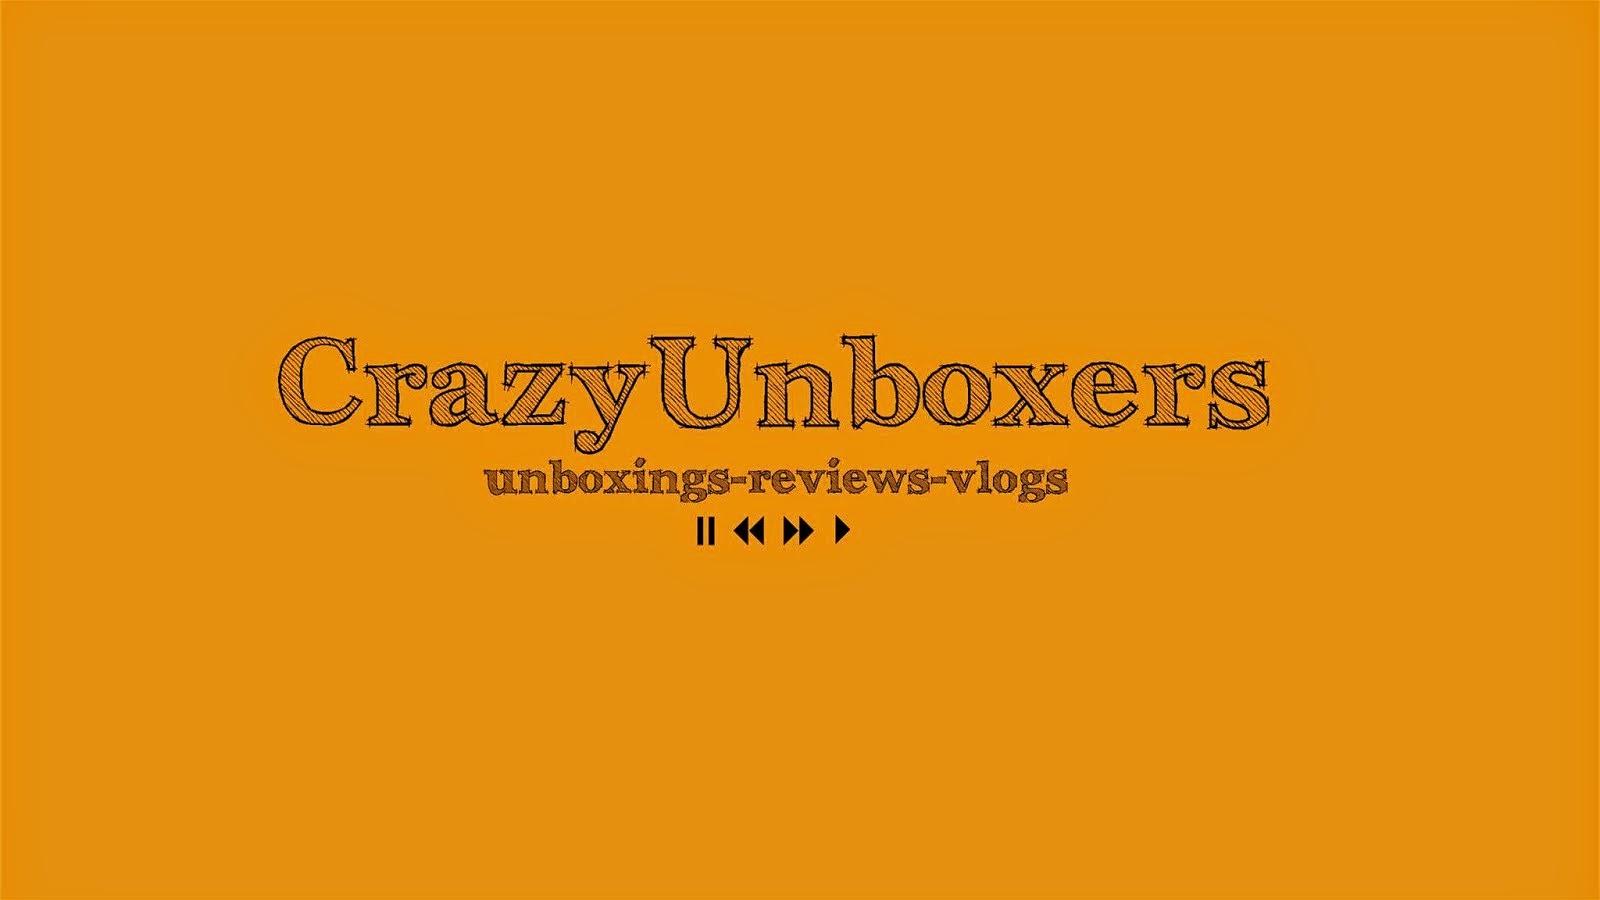 CrazyUnboxers